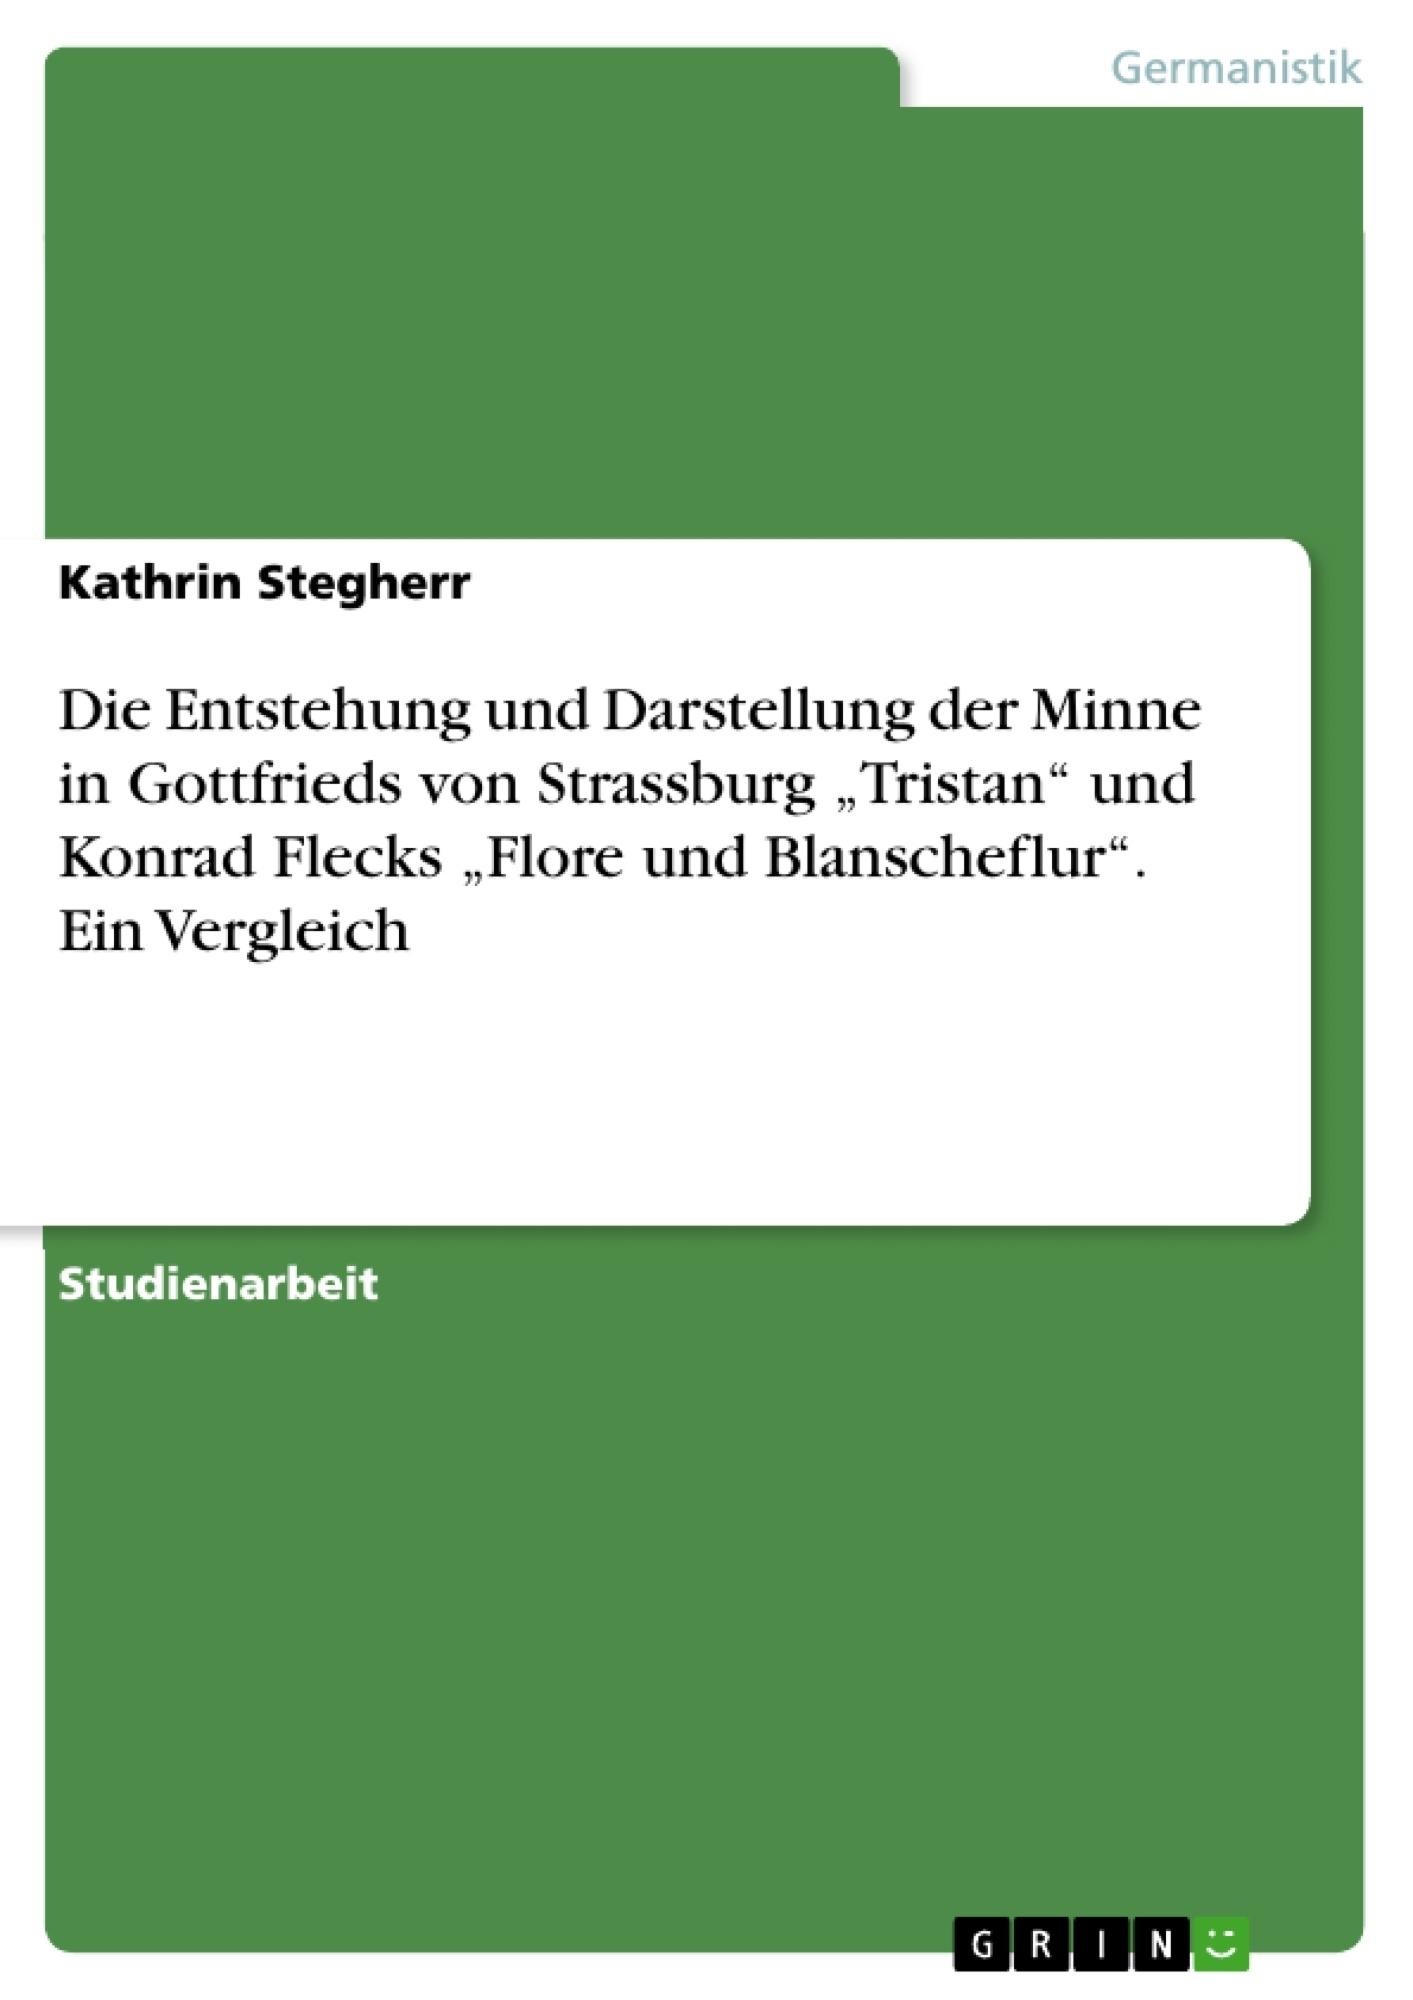 """Titel: Die Entstehung und Darstellung der Minne in Gottfrieds von Strassburg """"Tristan"""" und Konrad Flecks """"Flore und Blanscheflur"""". Ein Vergleich"""